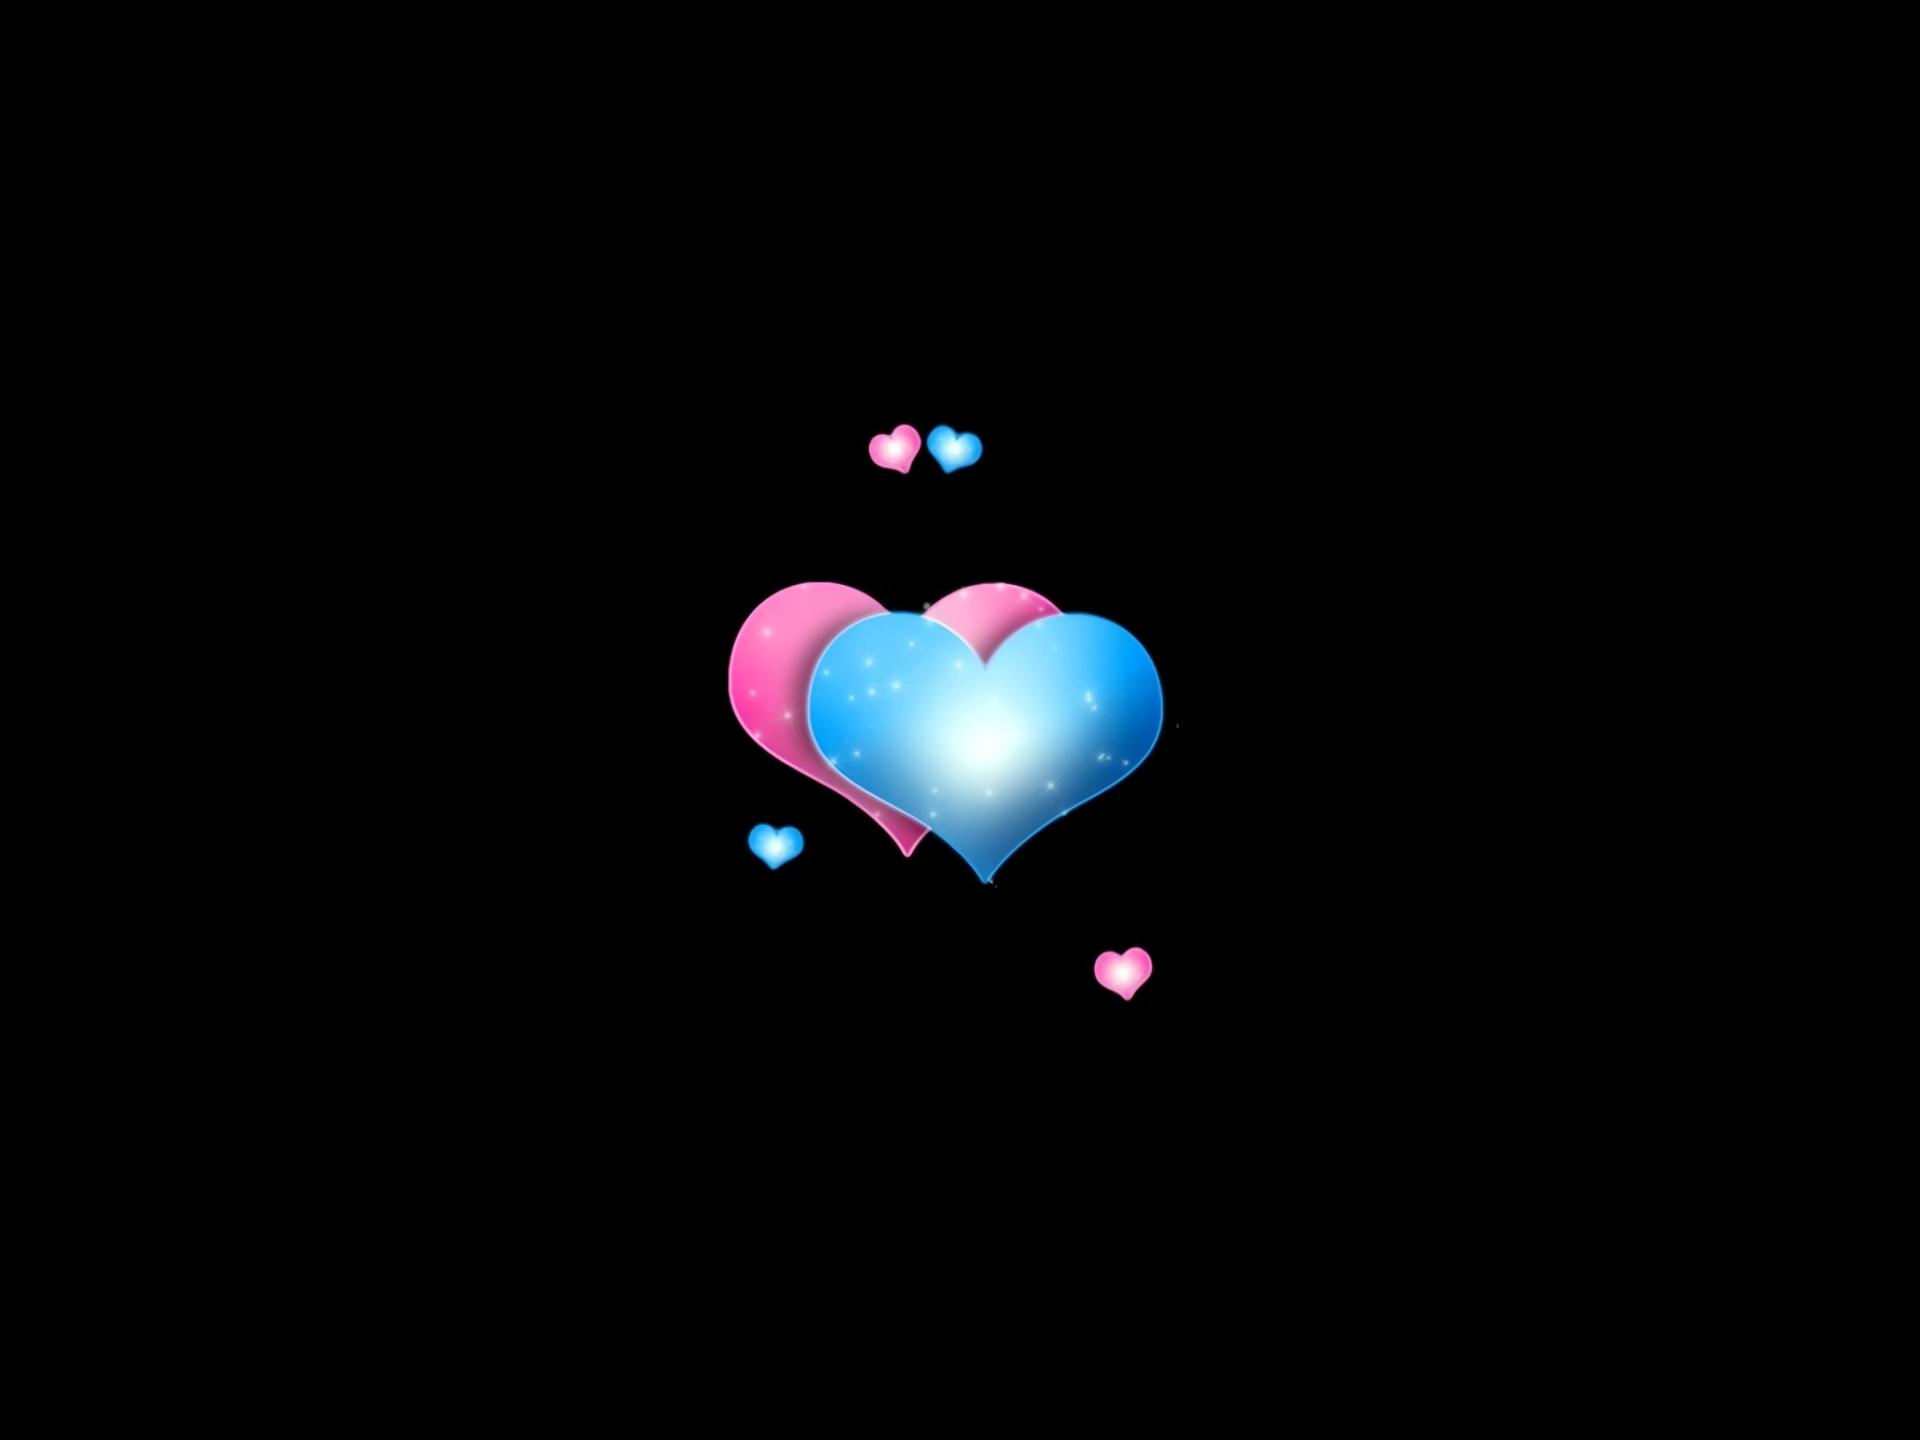 Artistic - Heart  Artistic Blue Pink Wallpaper